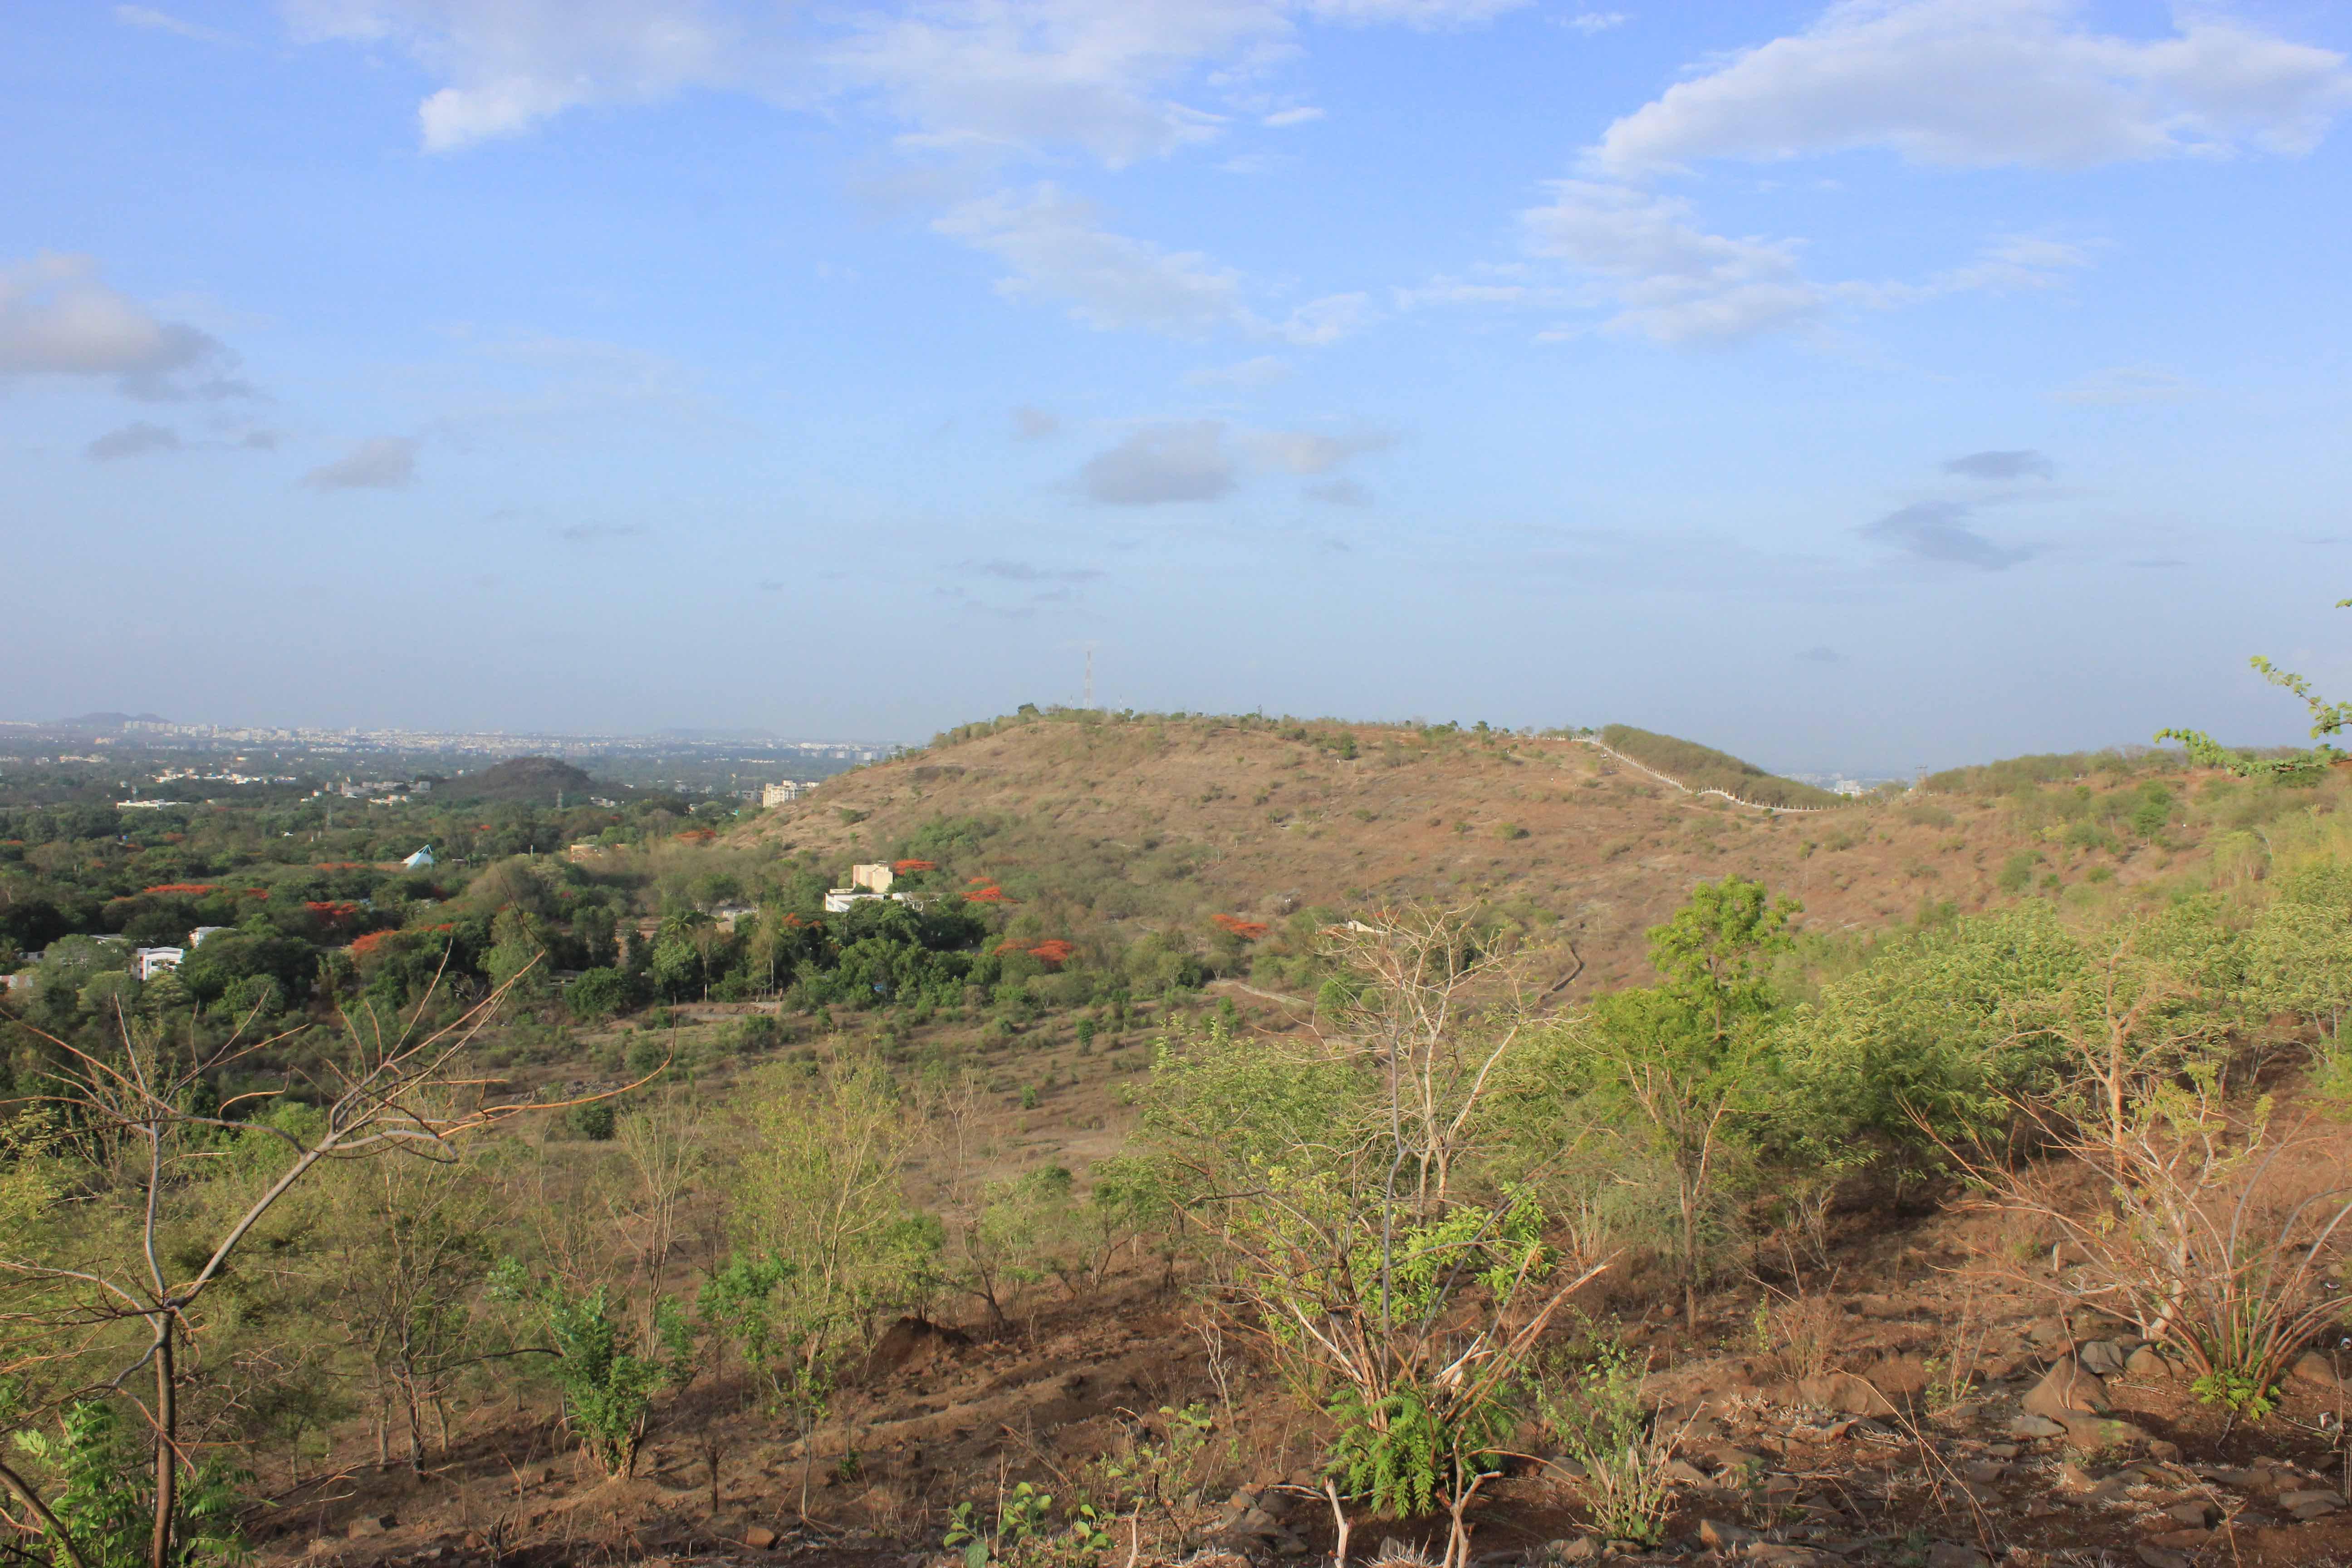 मोकळे गवताळ प्रदेश की गर्द झाडी – पुण्यातल्या टेकड्यांचे भविष्य काय?